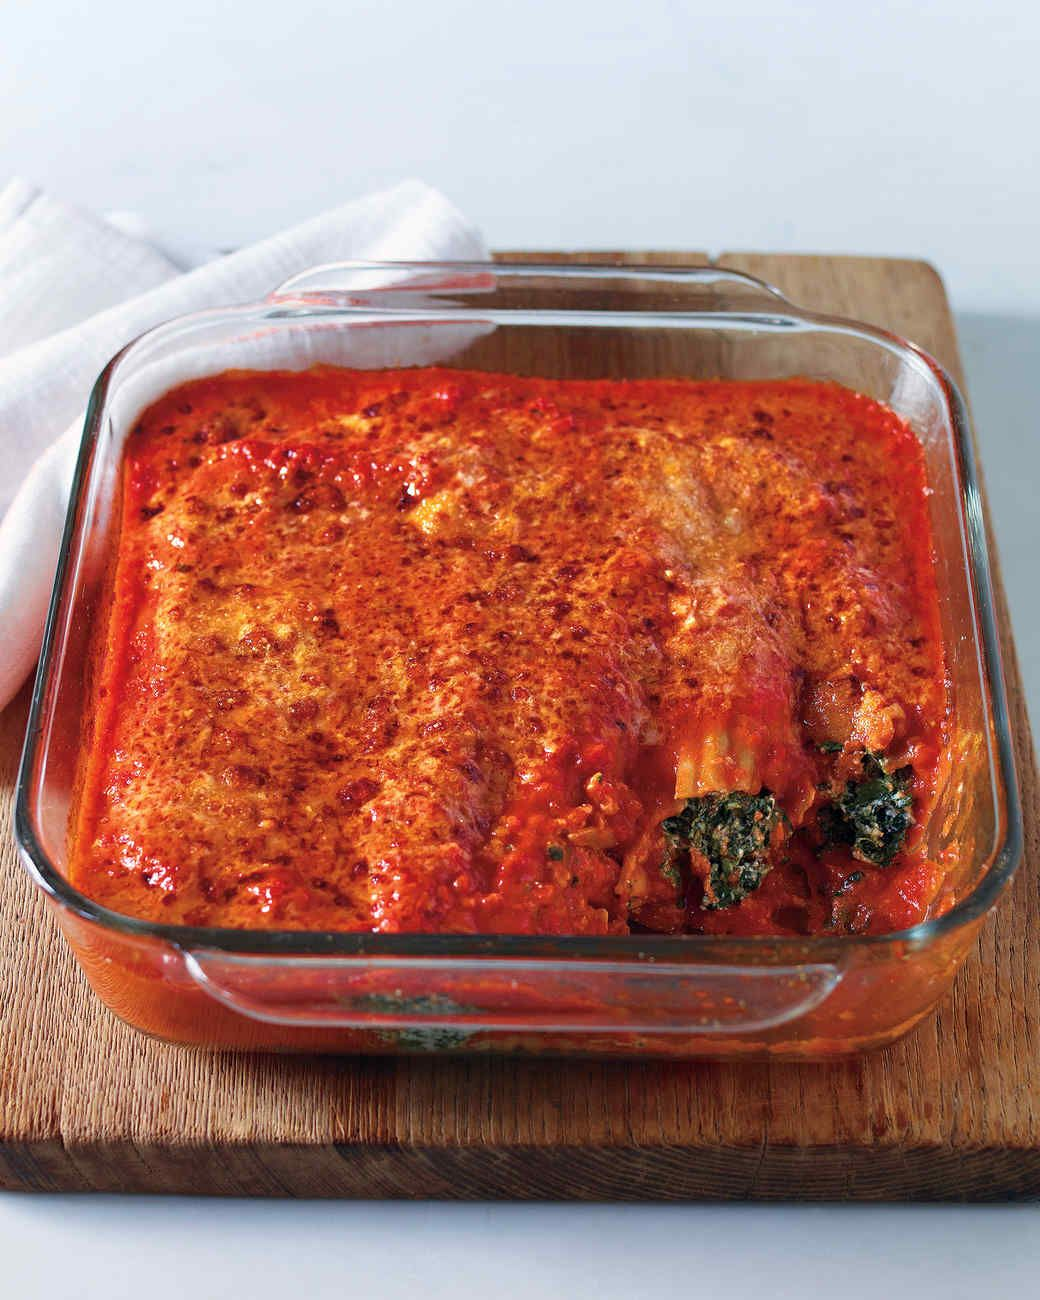 Spinach Manicotti In Creamy Tomato Sauce